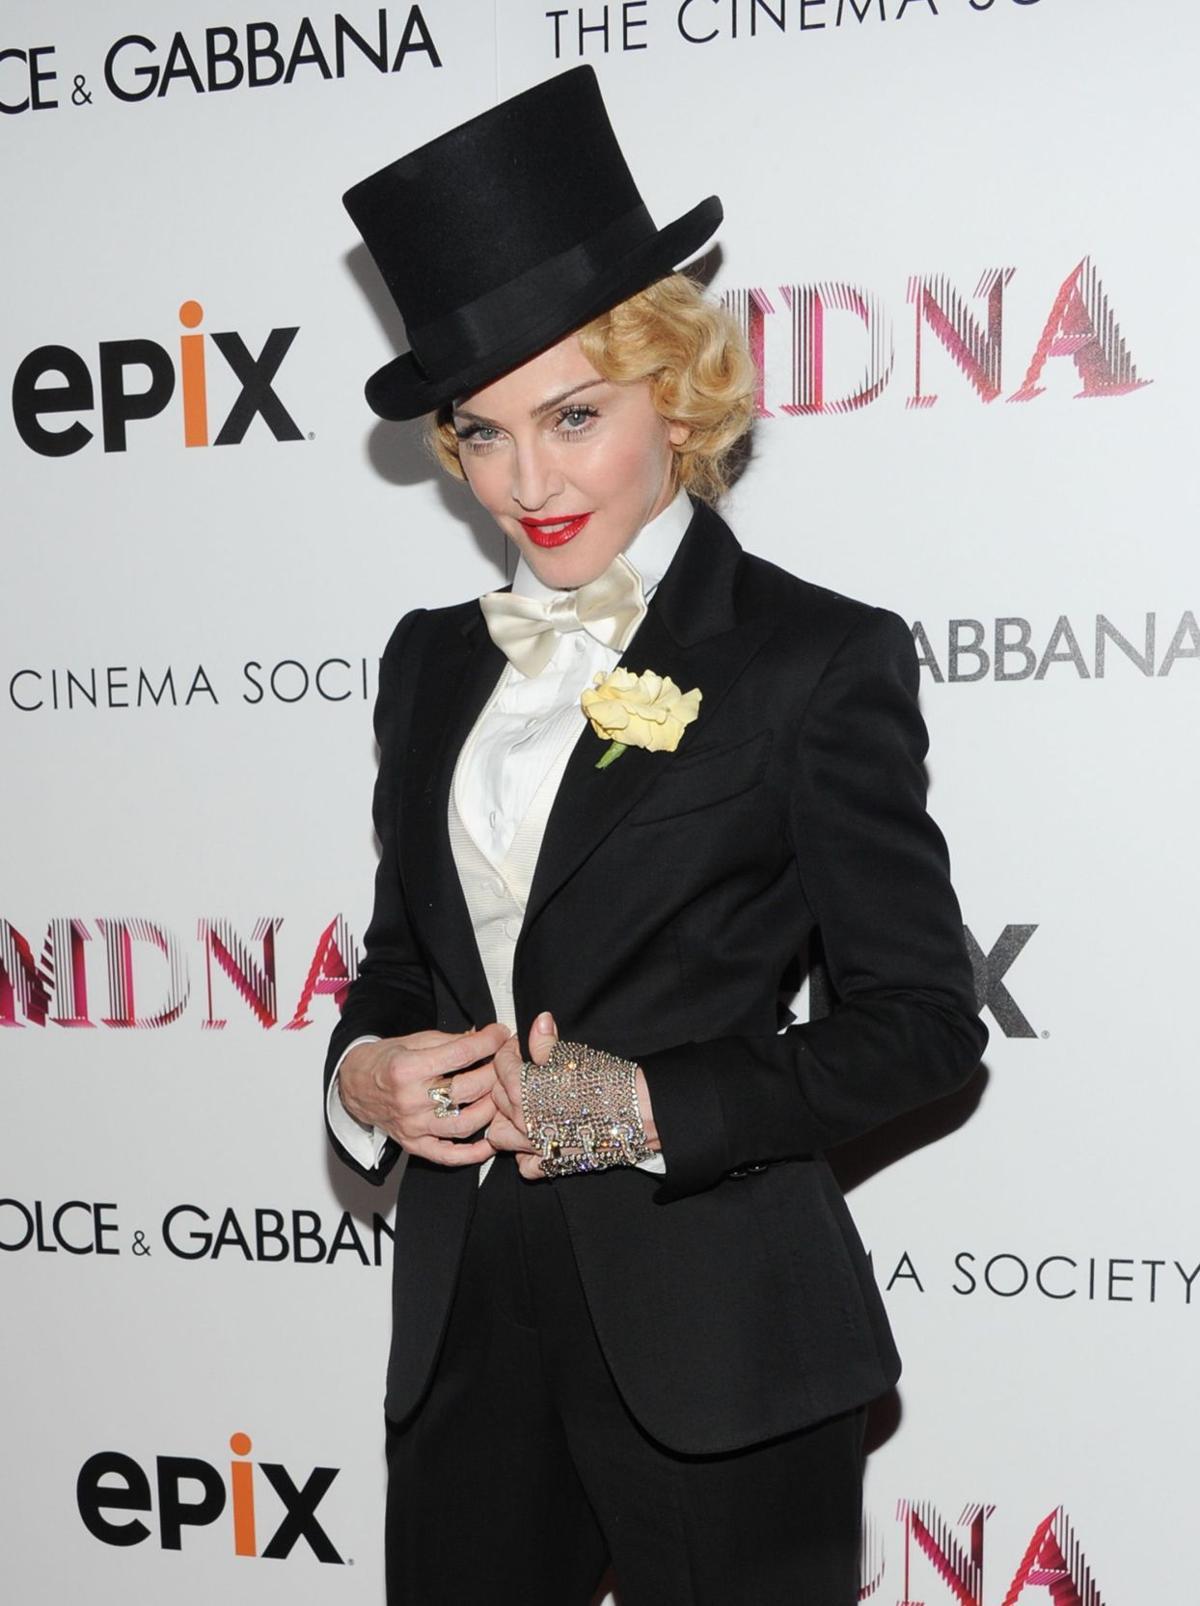 Madonna premieres tour film, talks secret project